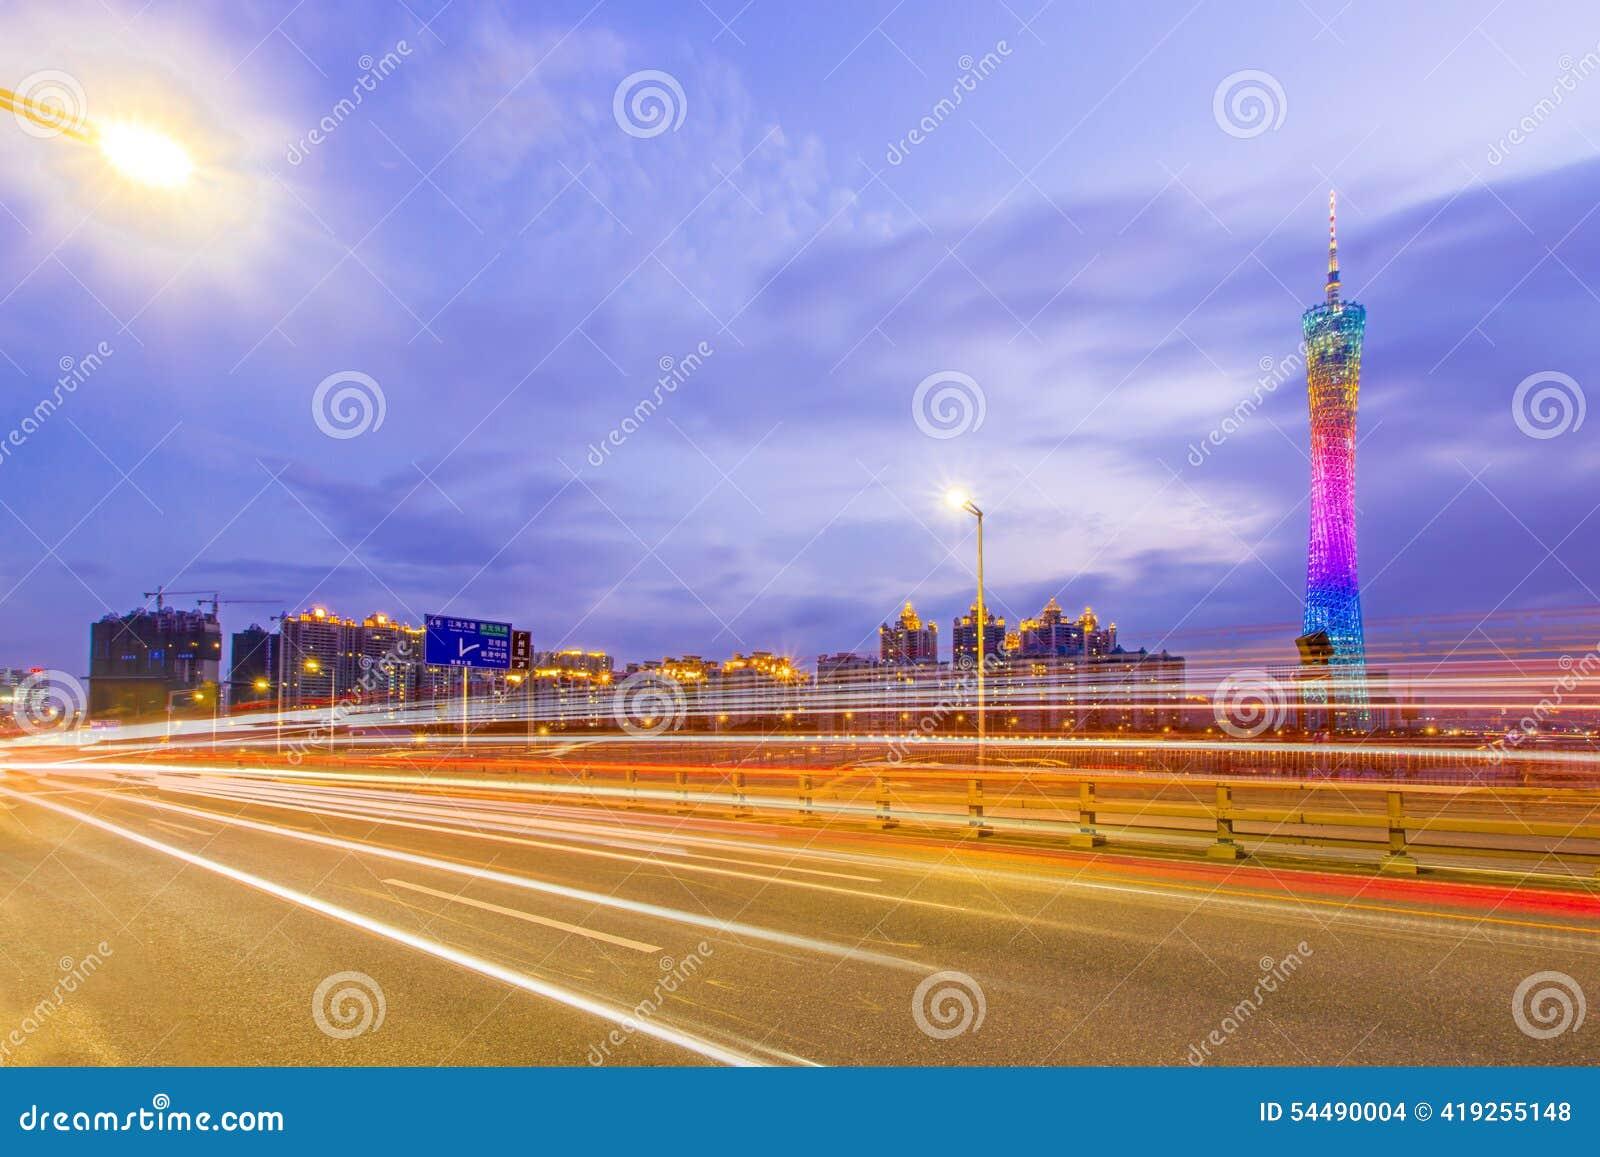 Traffico urbano alla notte